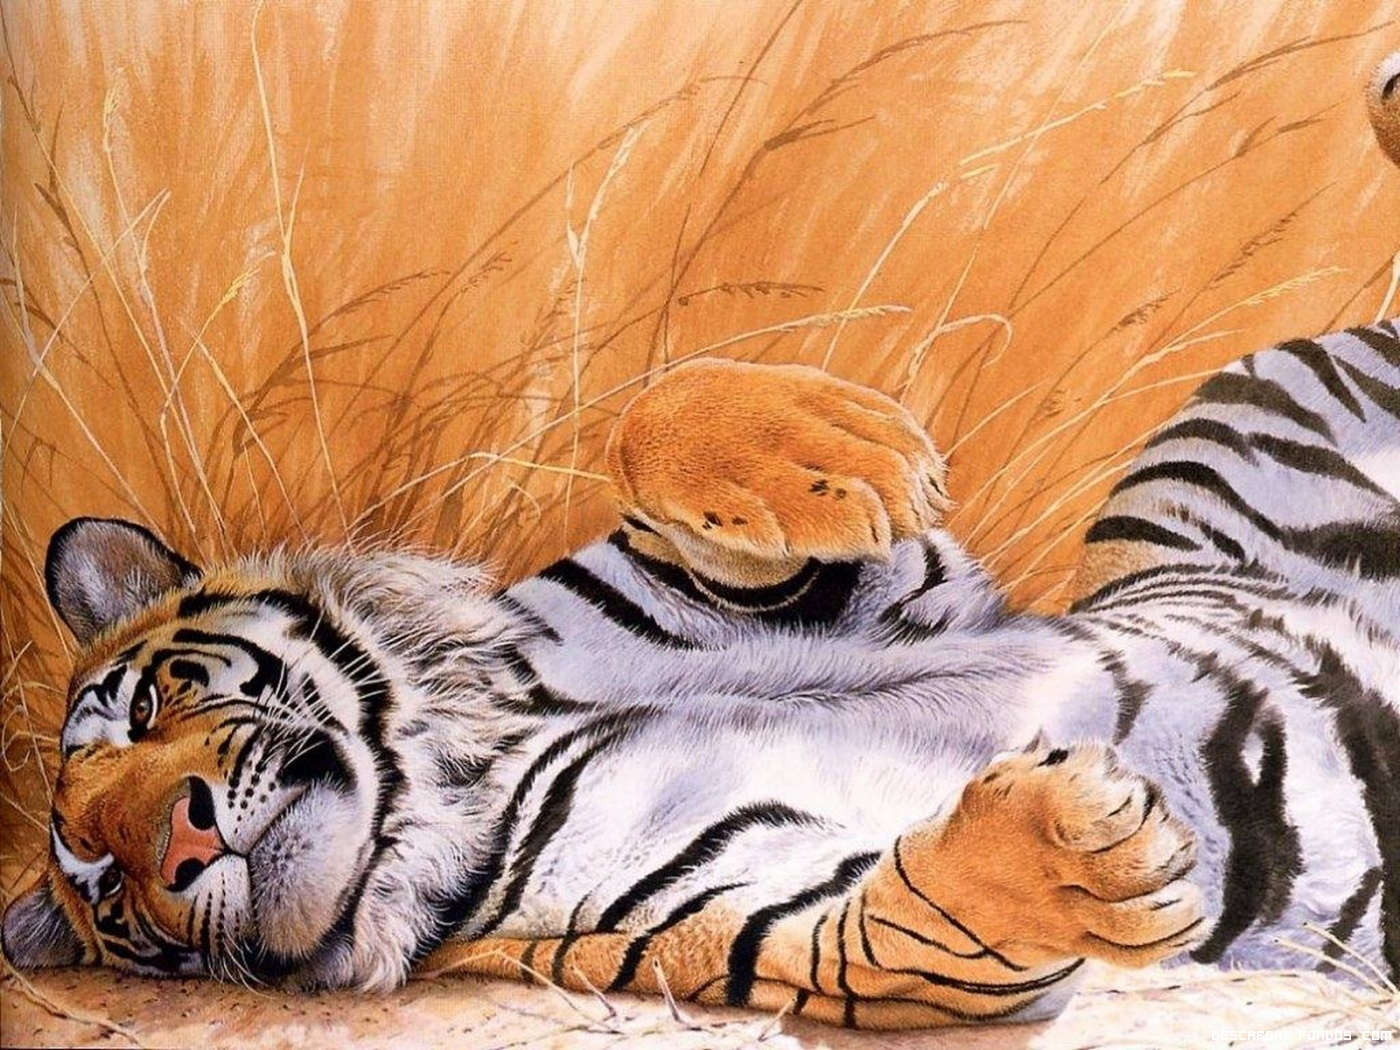 Tigre juguetón